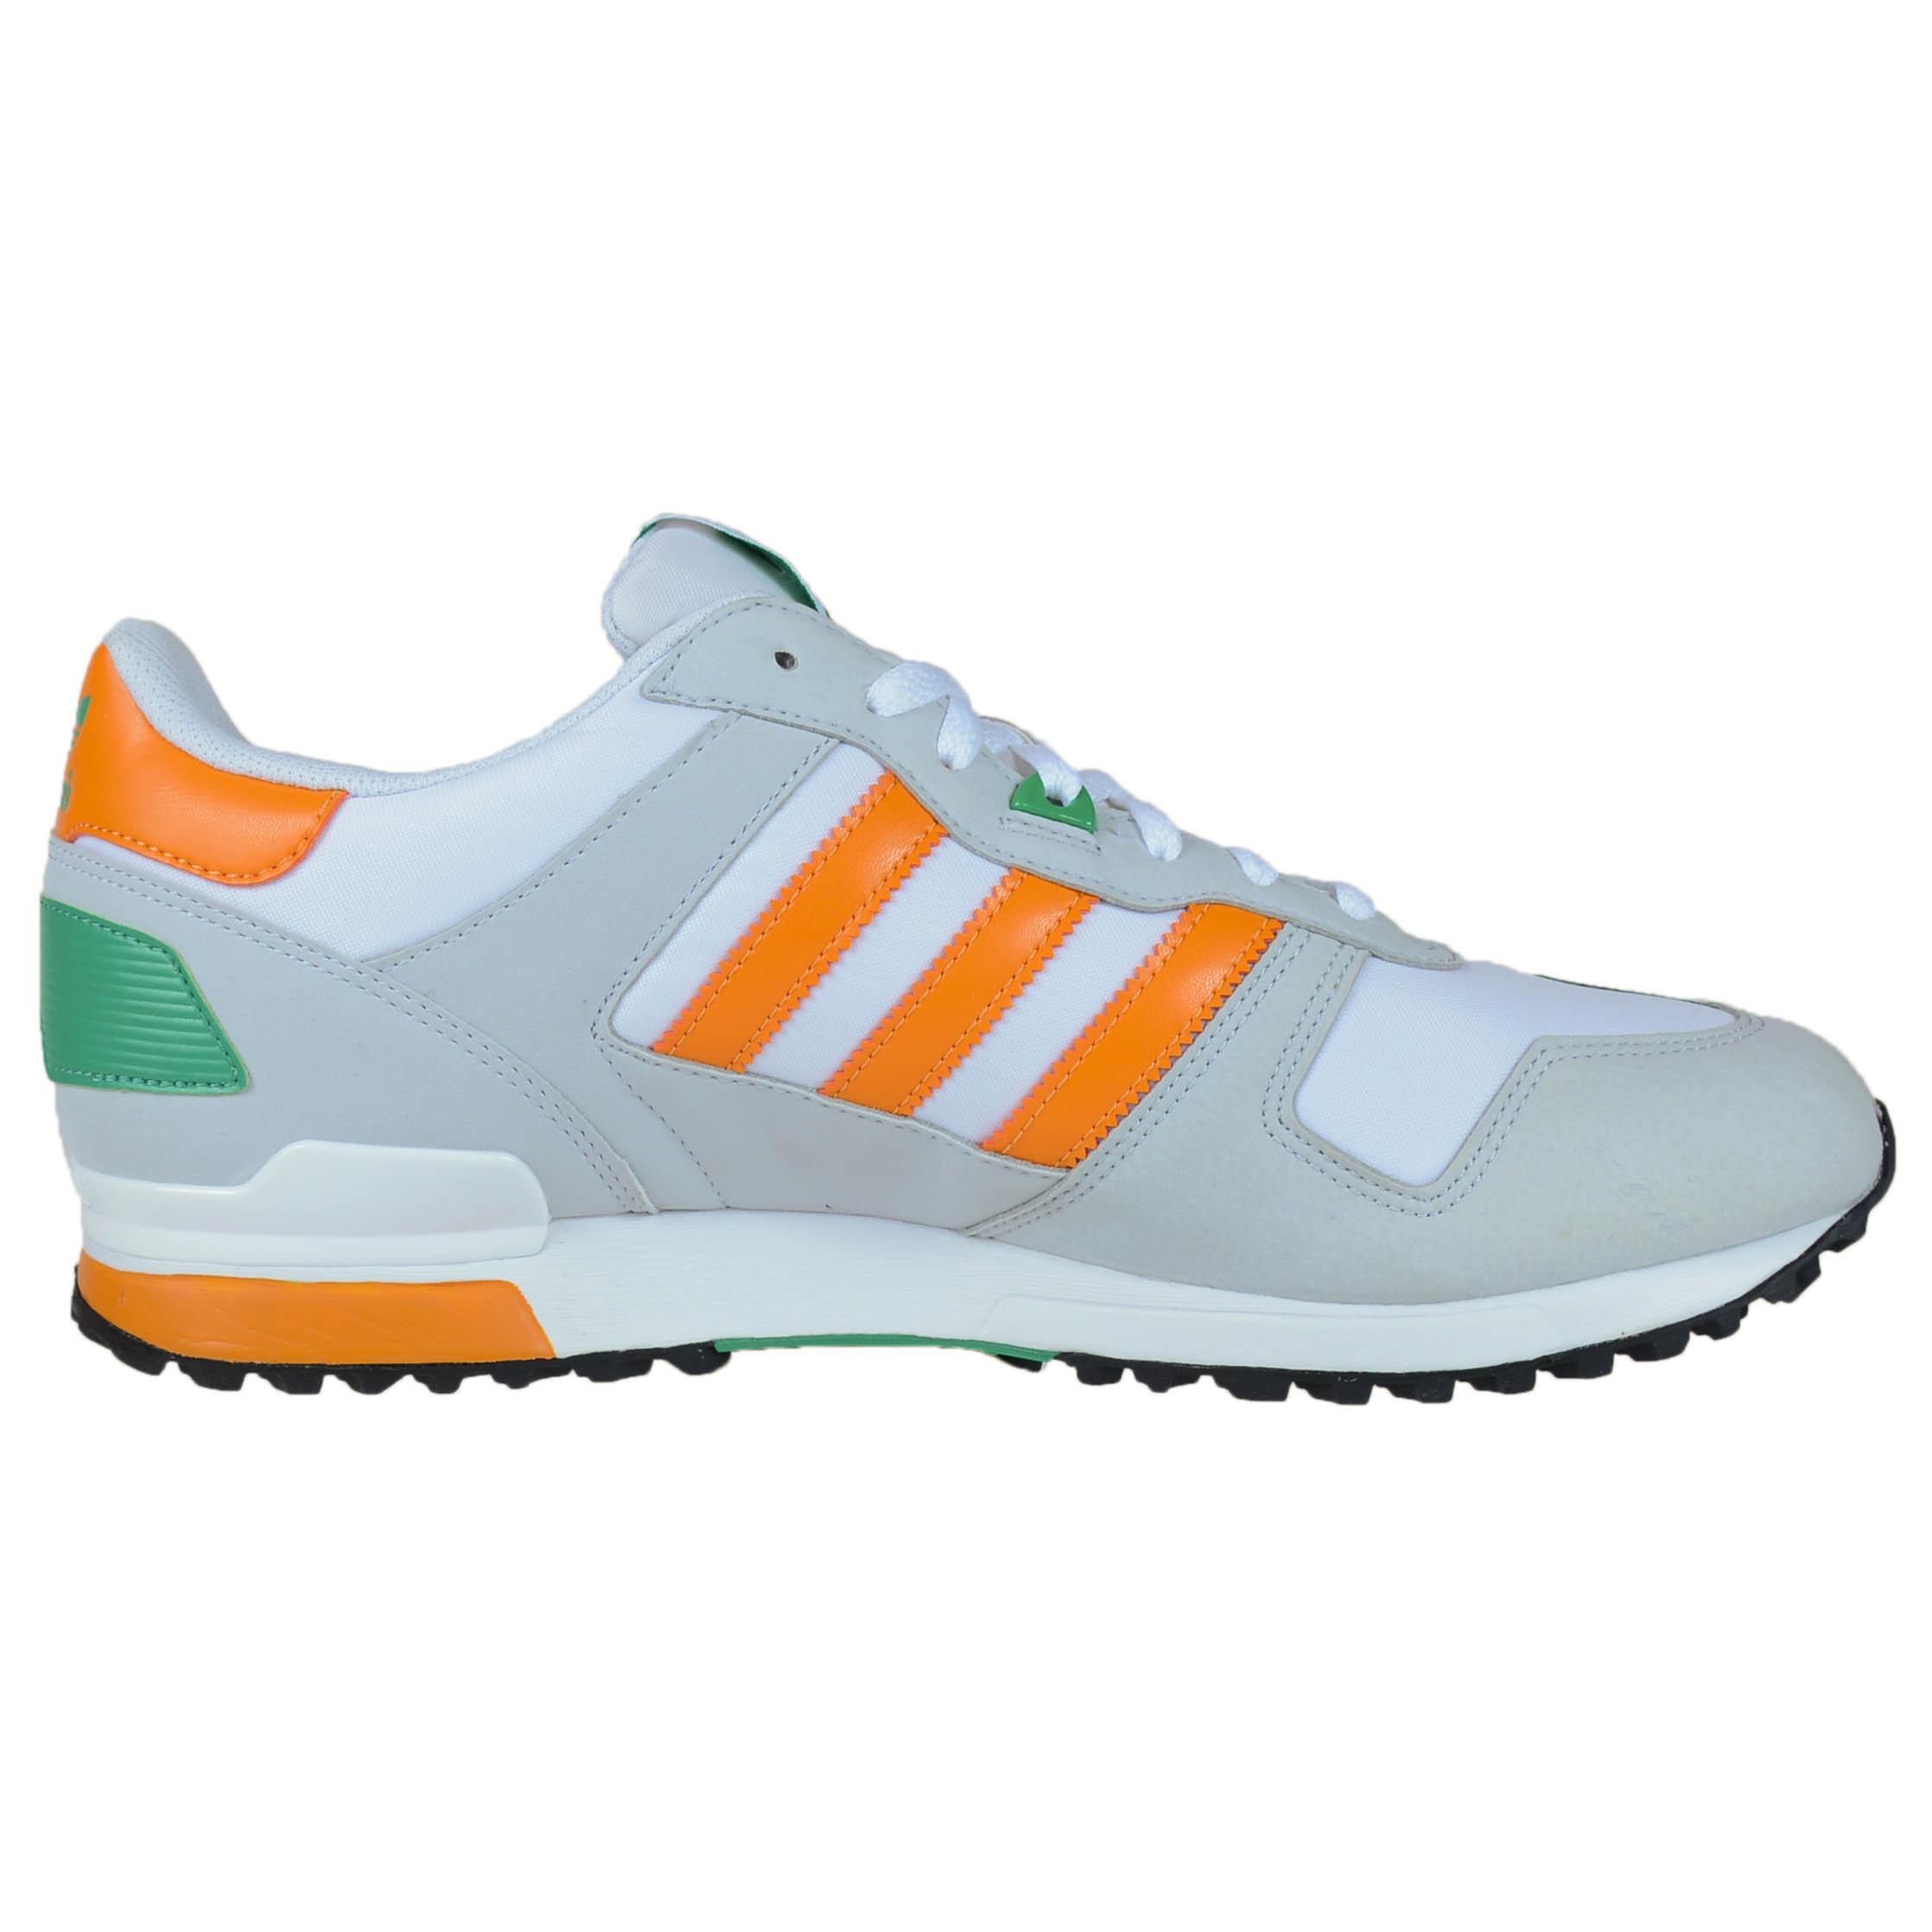 ... orange grey adidas zx 700 retro running shoes running white orange beam  clear adidas zx 700 ...